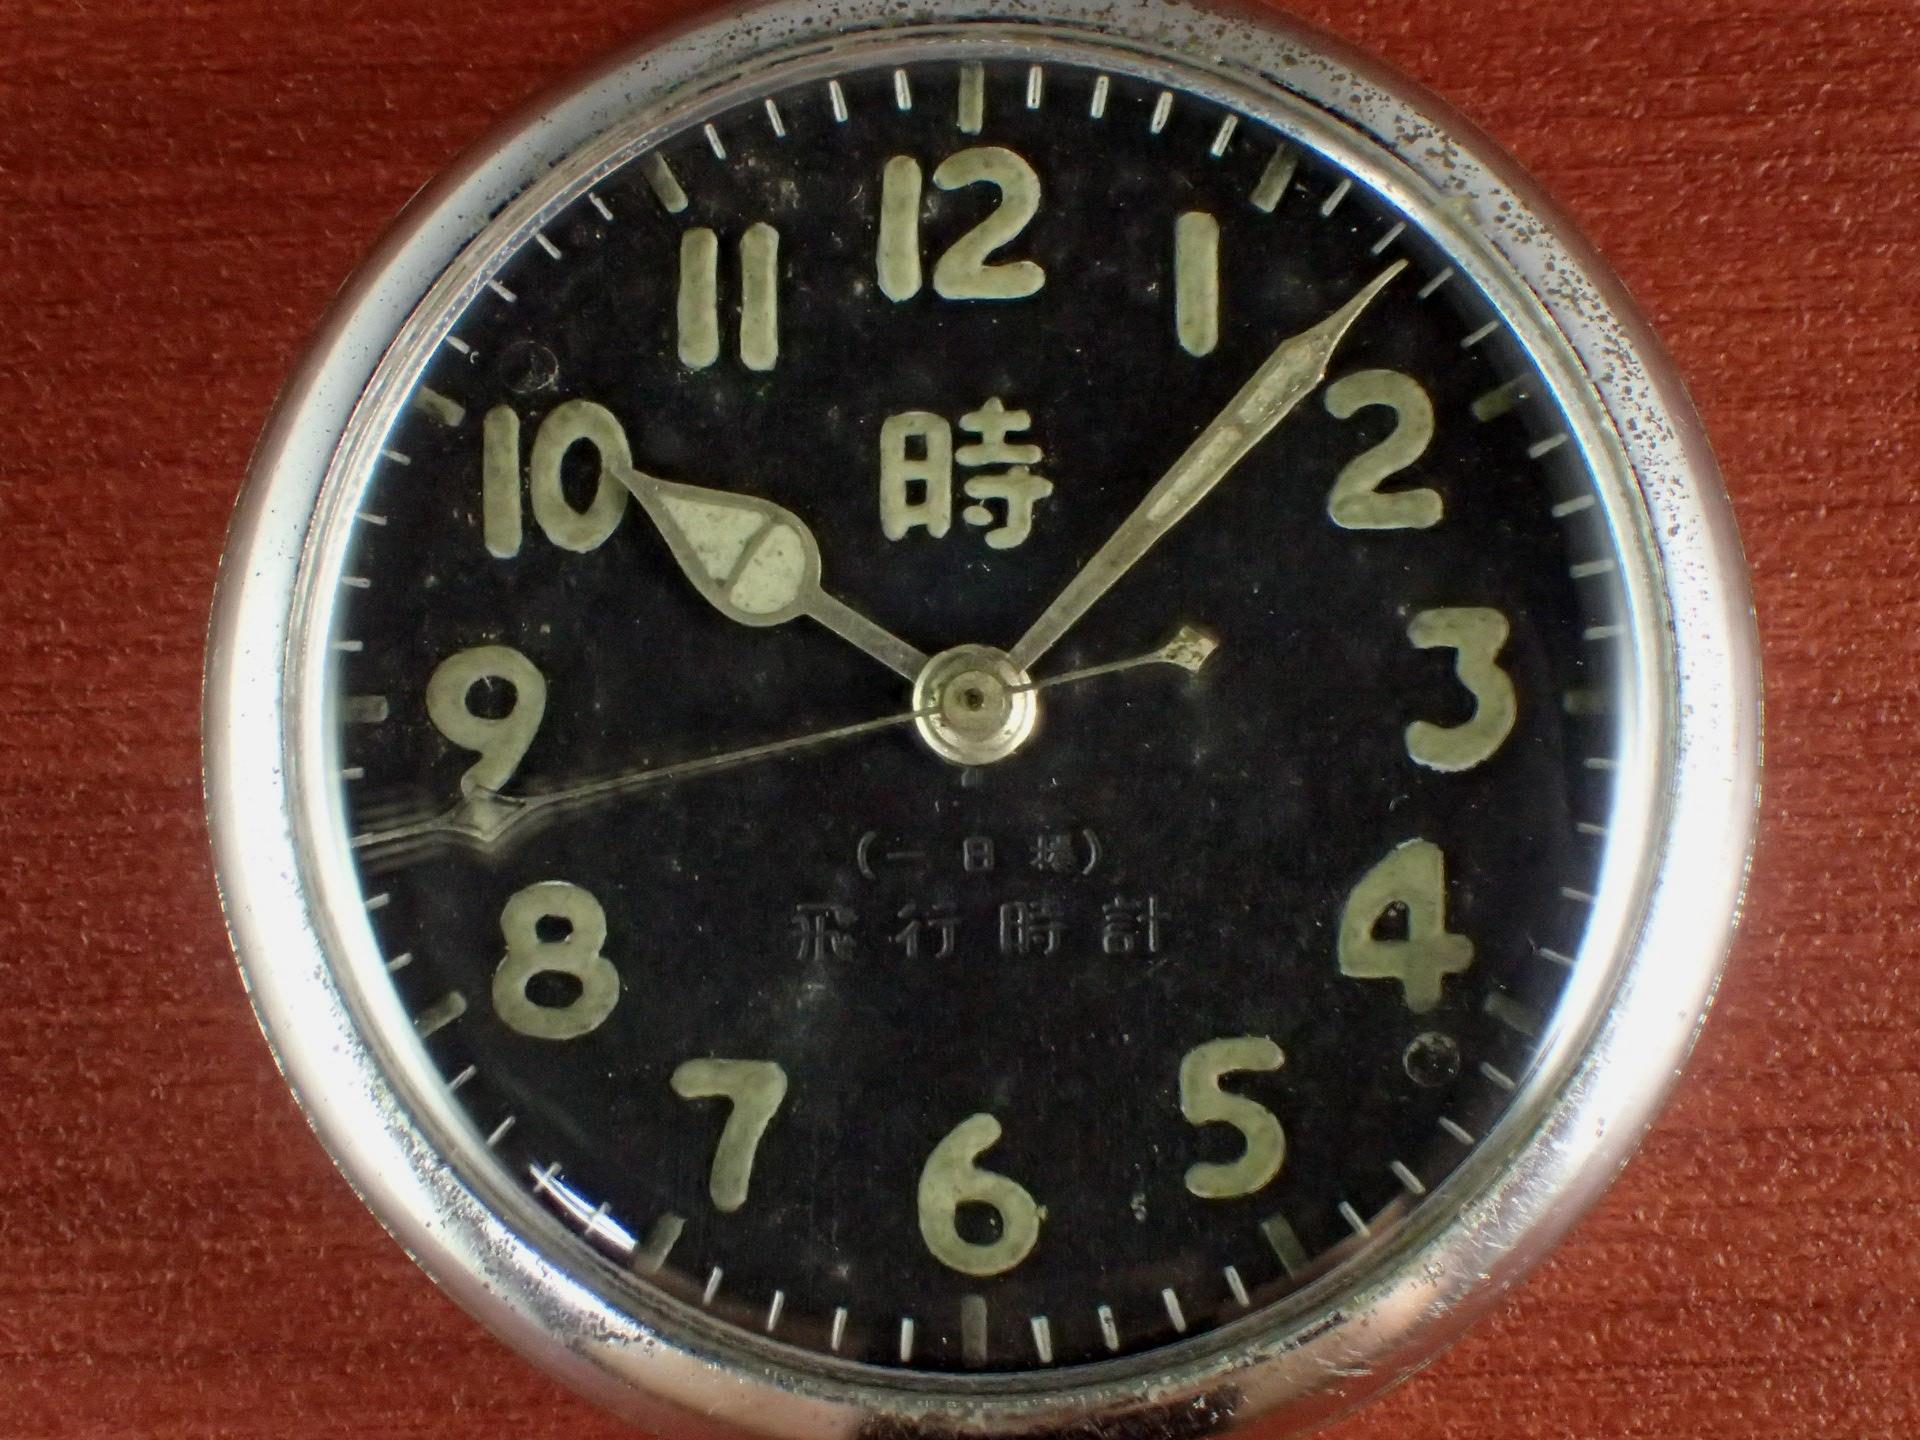 精工舎 ポケットウォッチ 旧日本軍 100式飛行時計 1940年代の写真2枚目